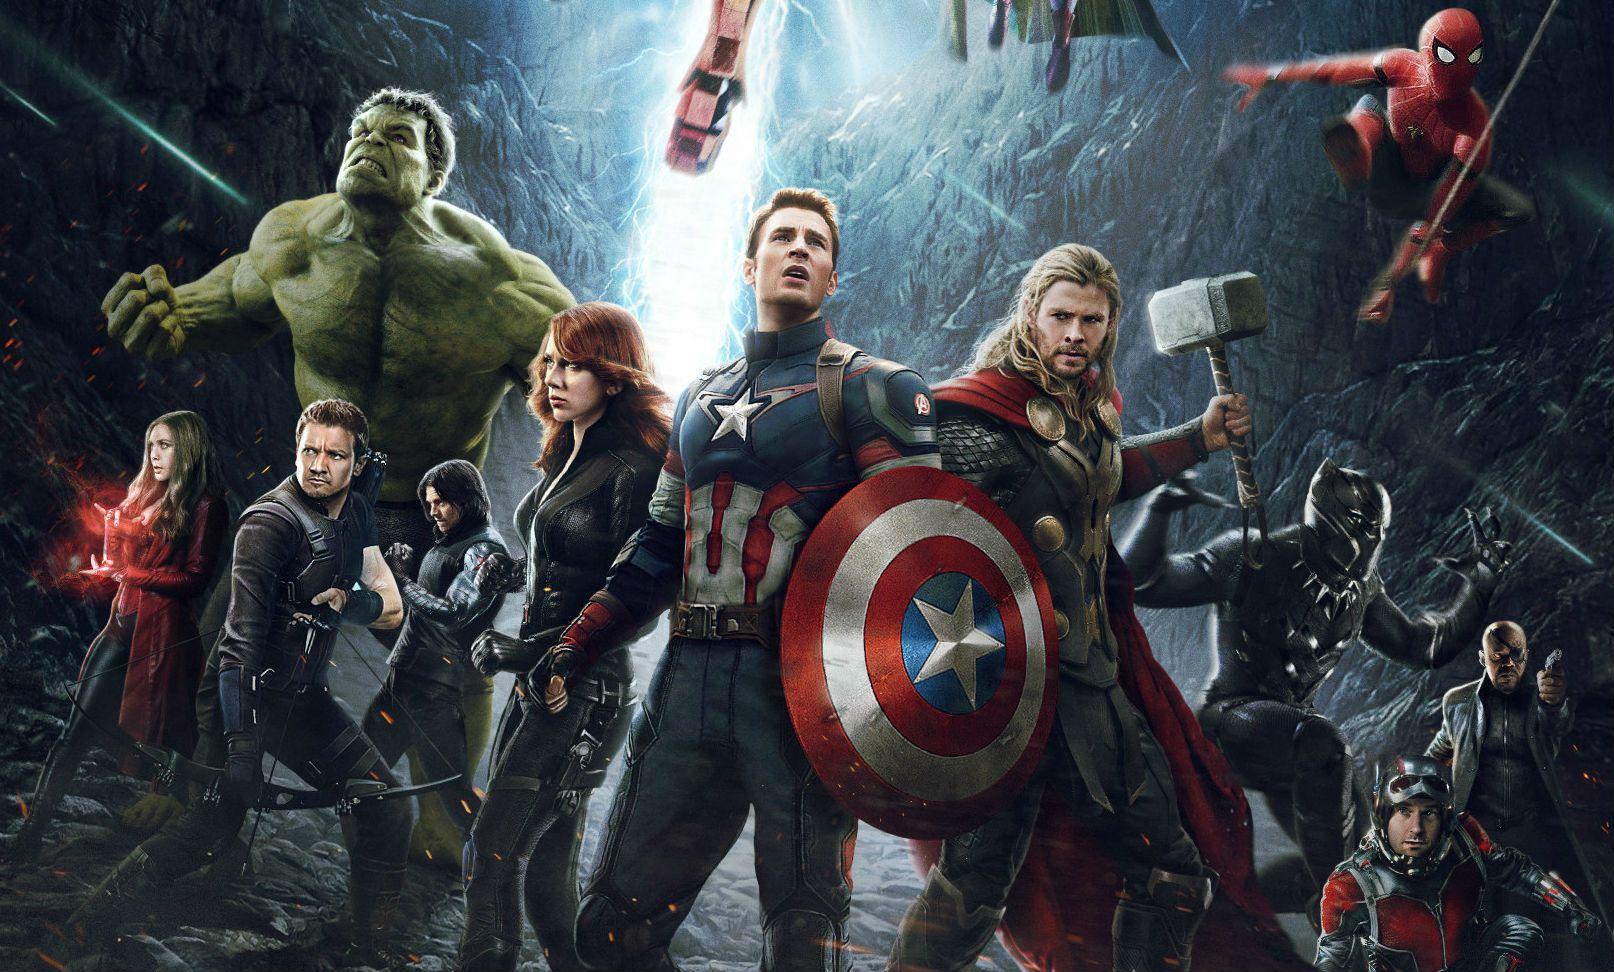 avengers: infinity war captain america | avenger infinity war